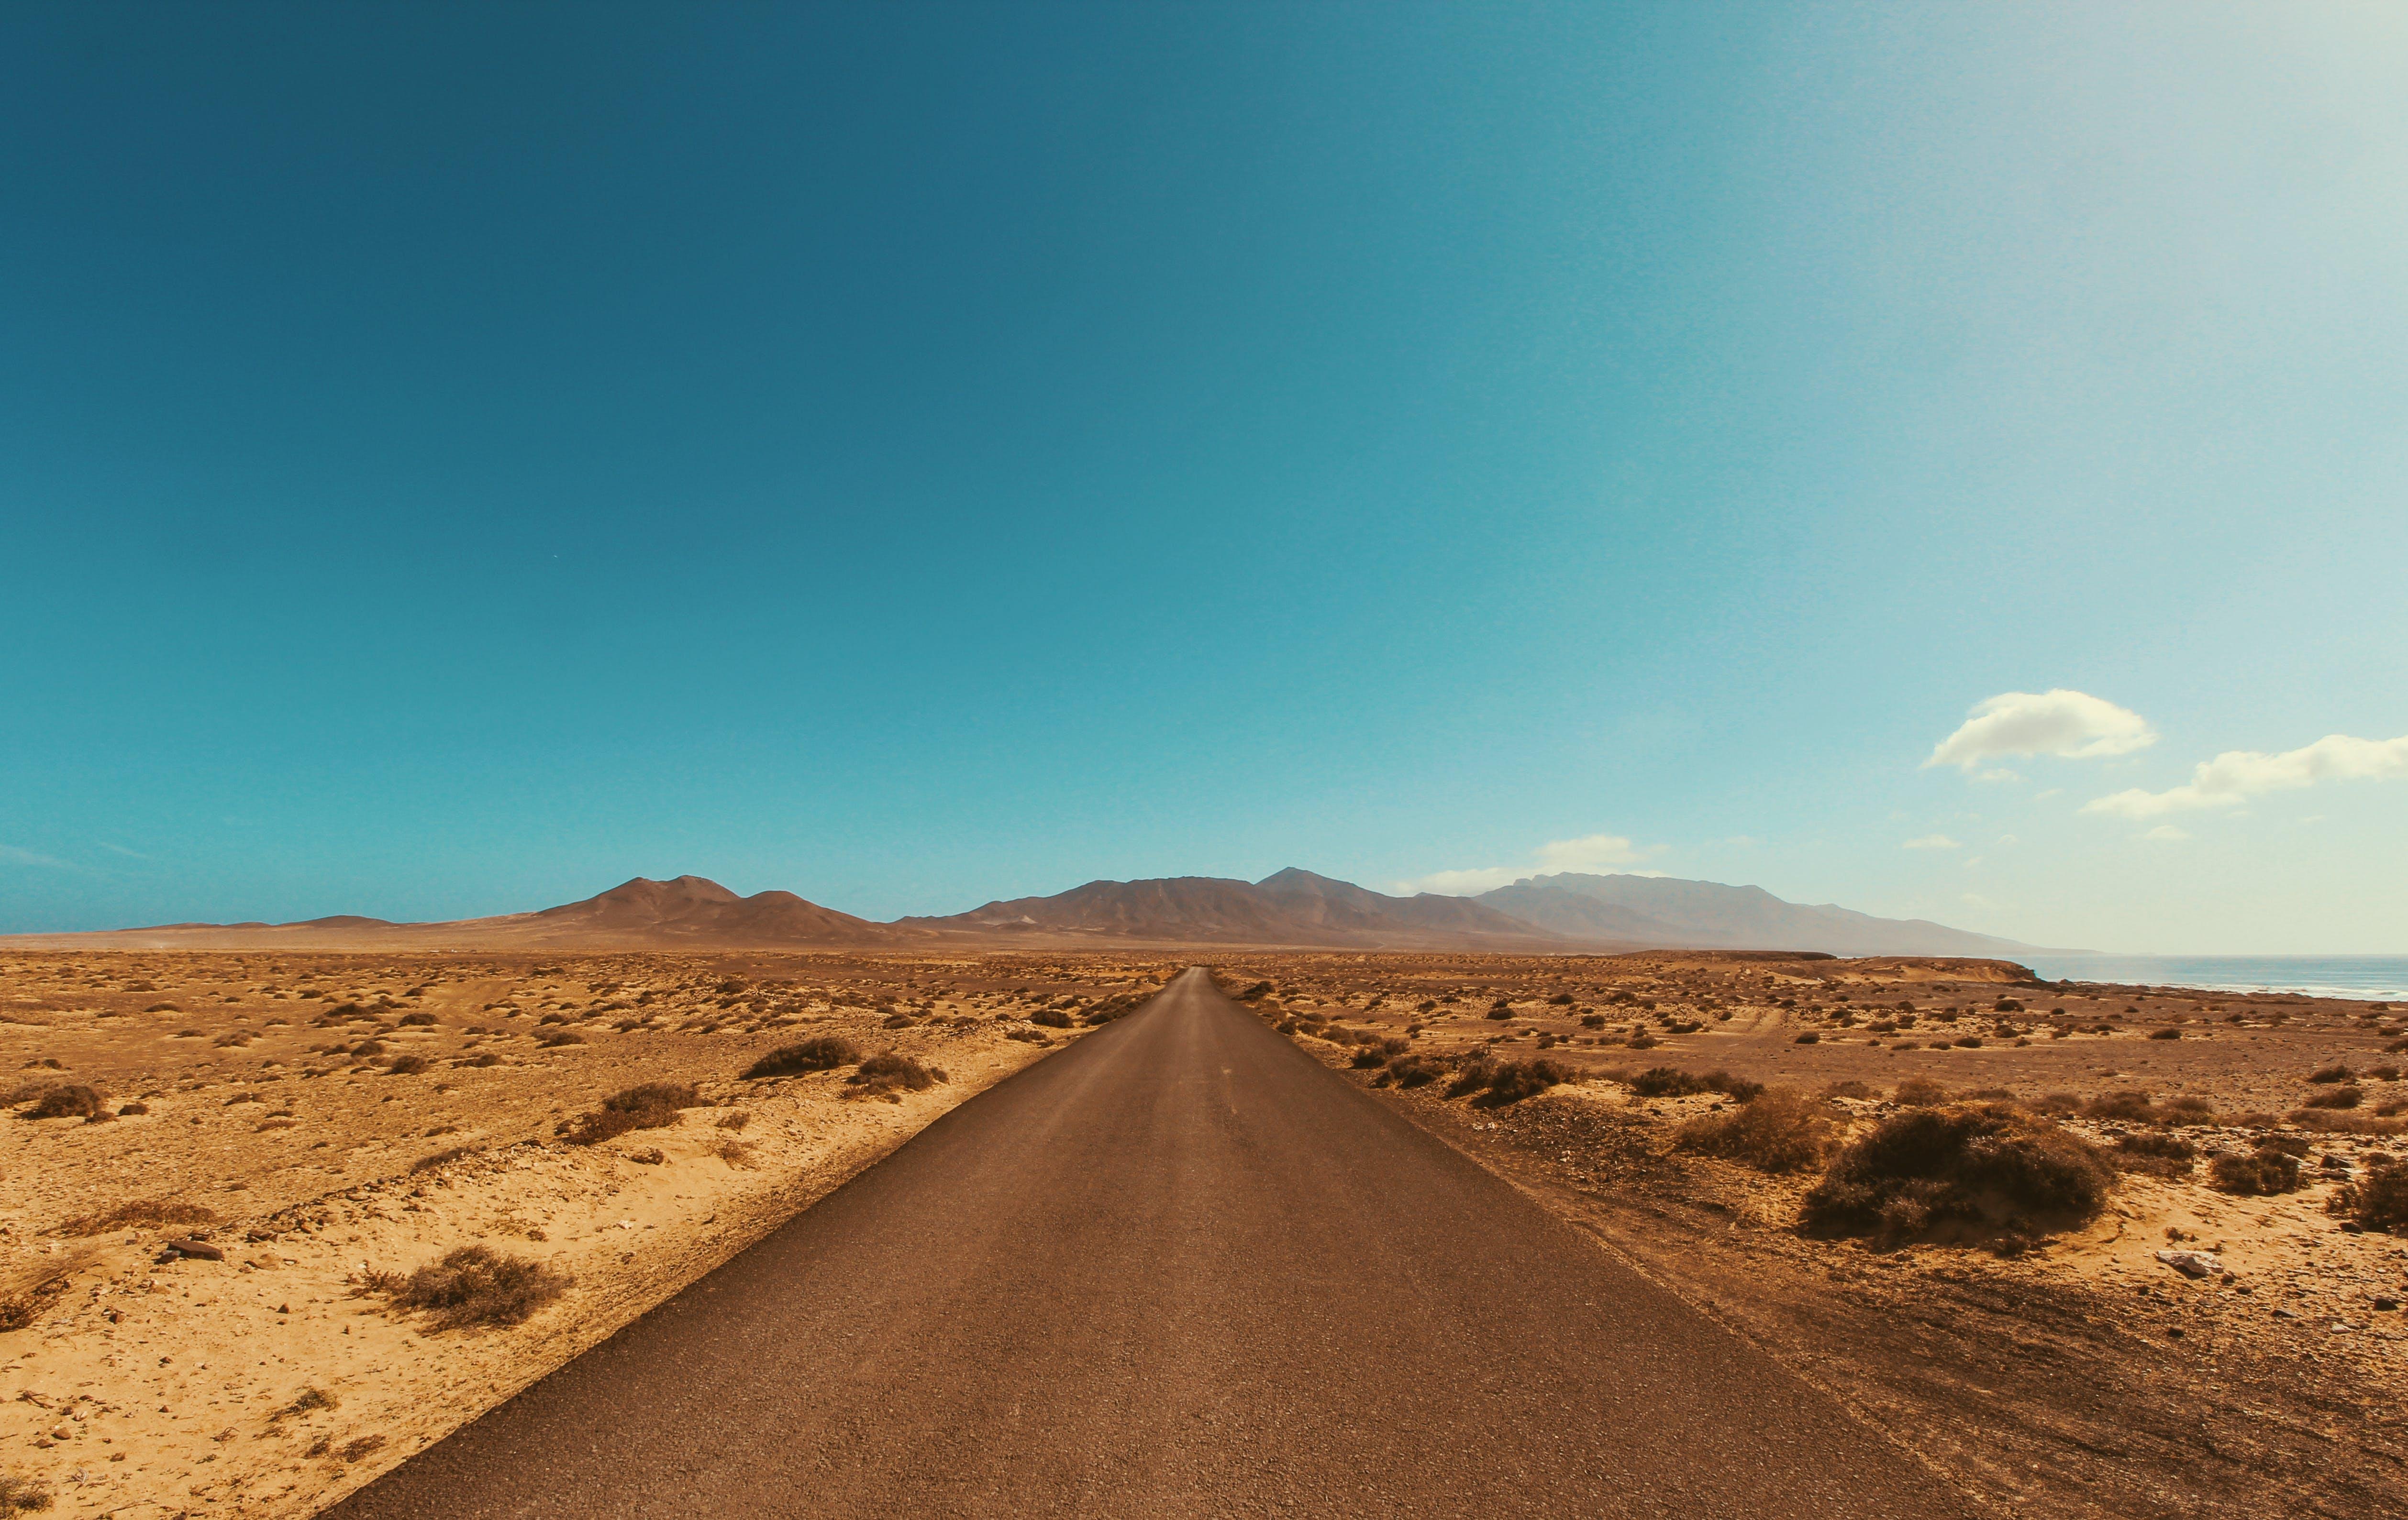 Gratis lagerfoto af bjergkæde, blå himmel, grusvej, lækker